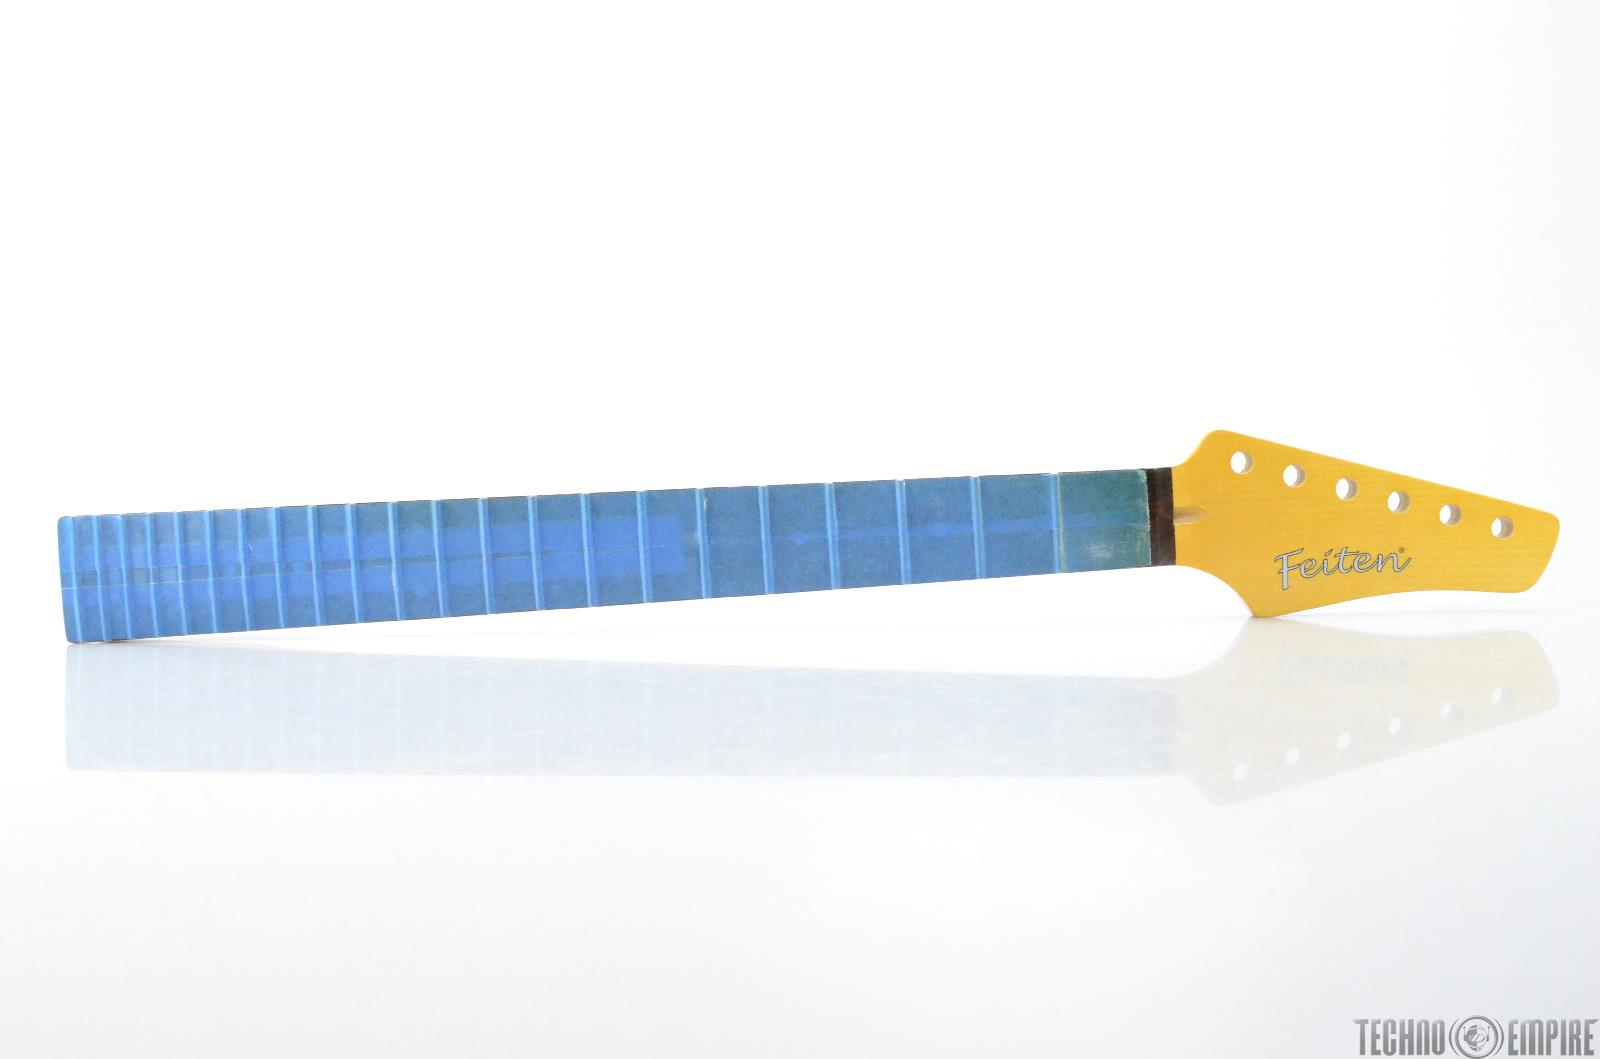 Buzz Feiten Maple Electric Guitar Neck Rosewood Fretboard Nashville Fat #28565